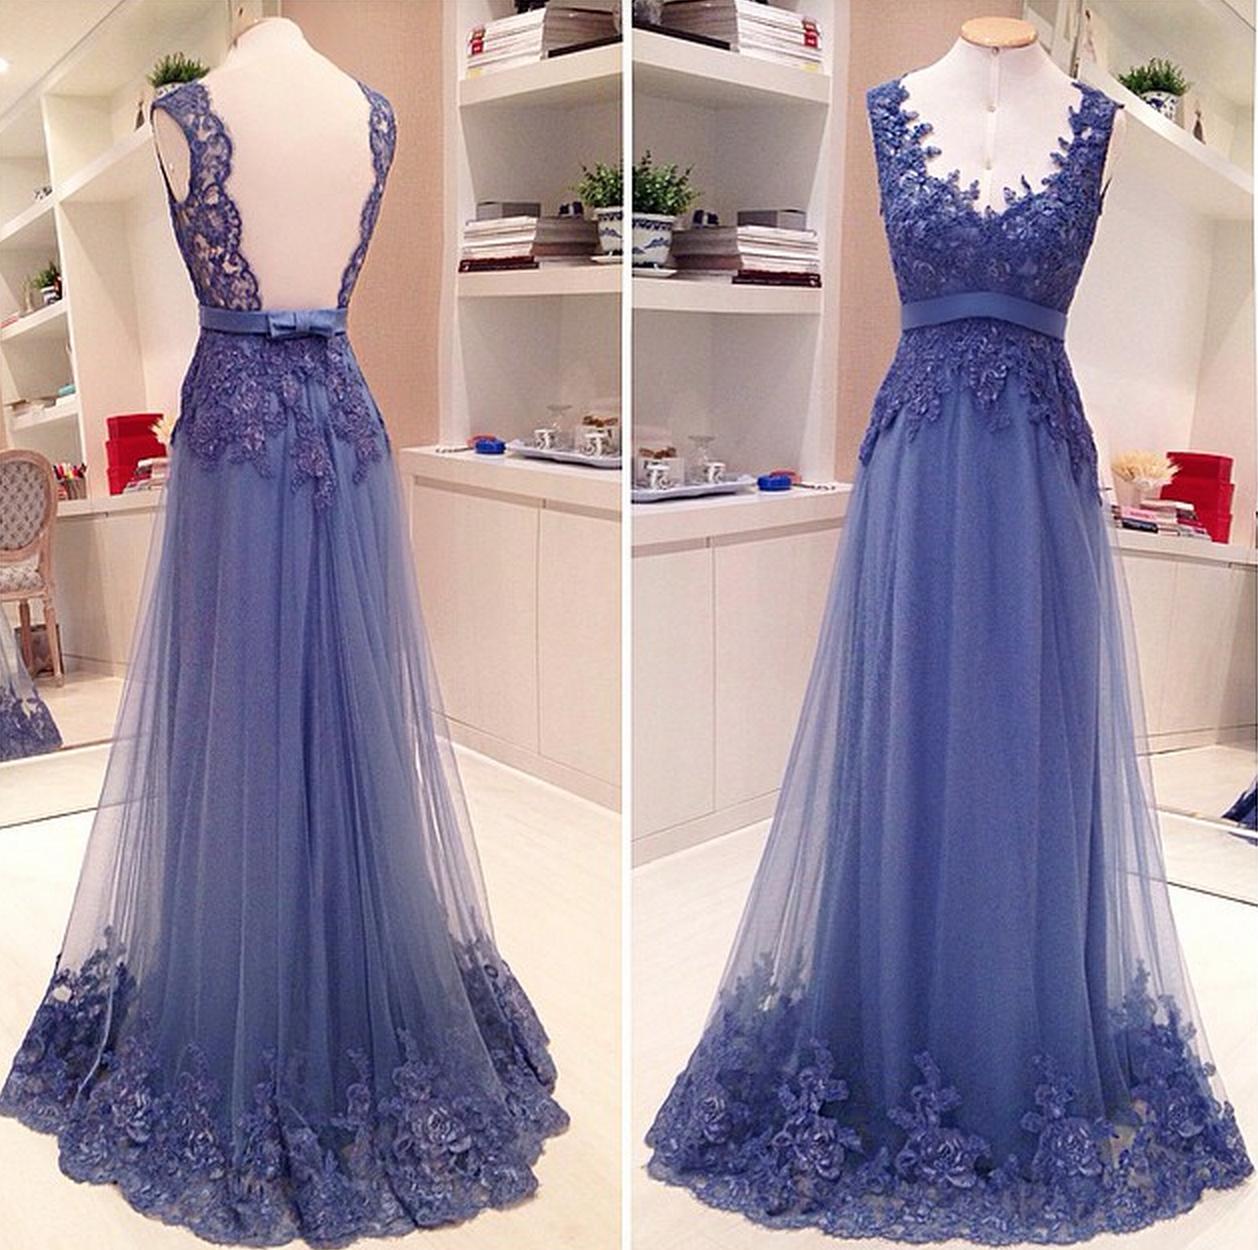 Isabella Narchi dress | style | Pinterest | Vestiditos, Vestidos de ...